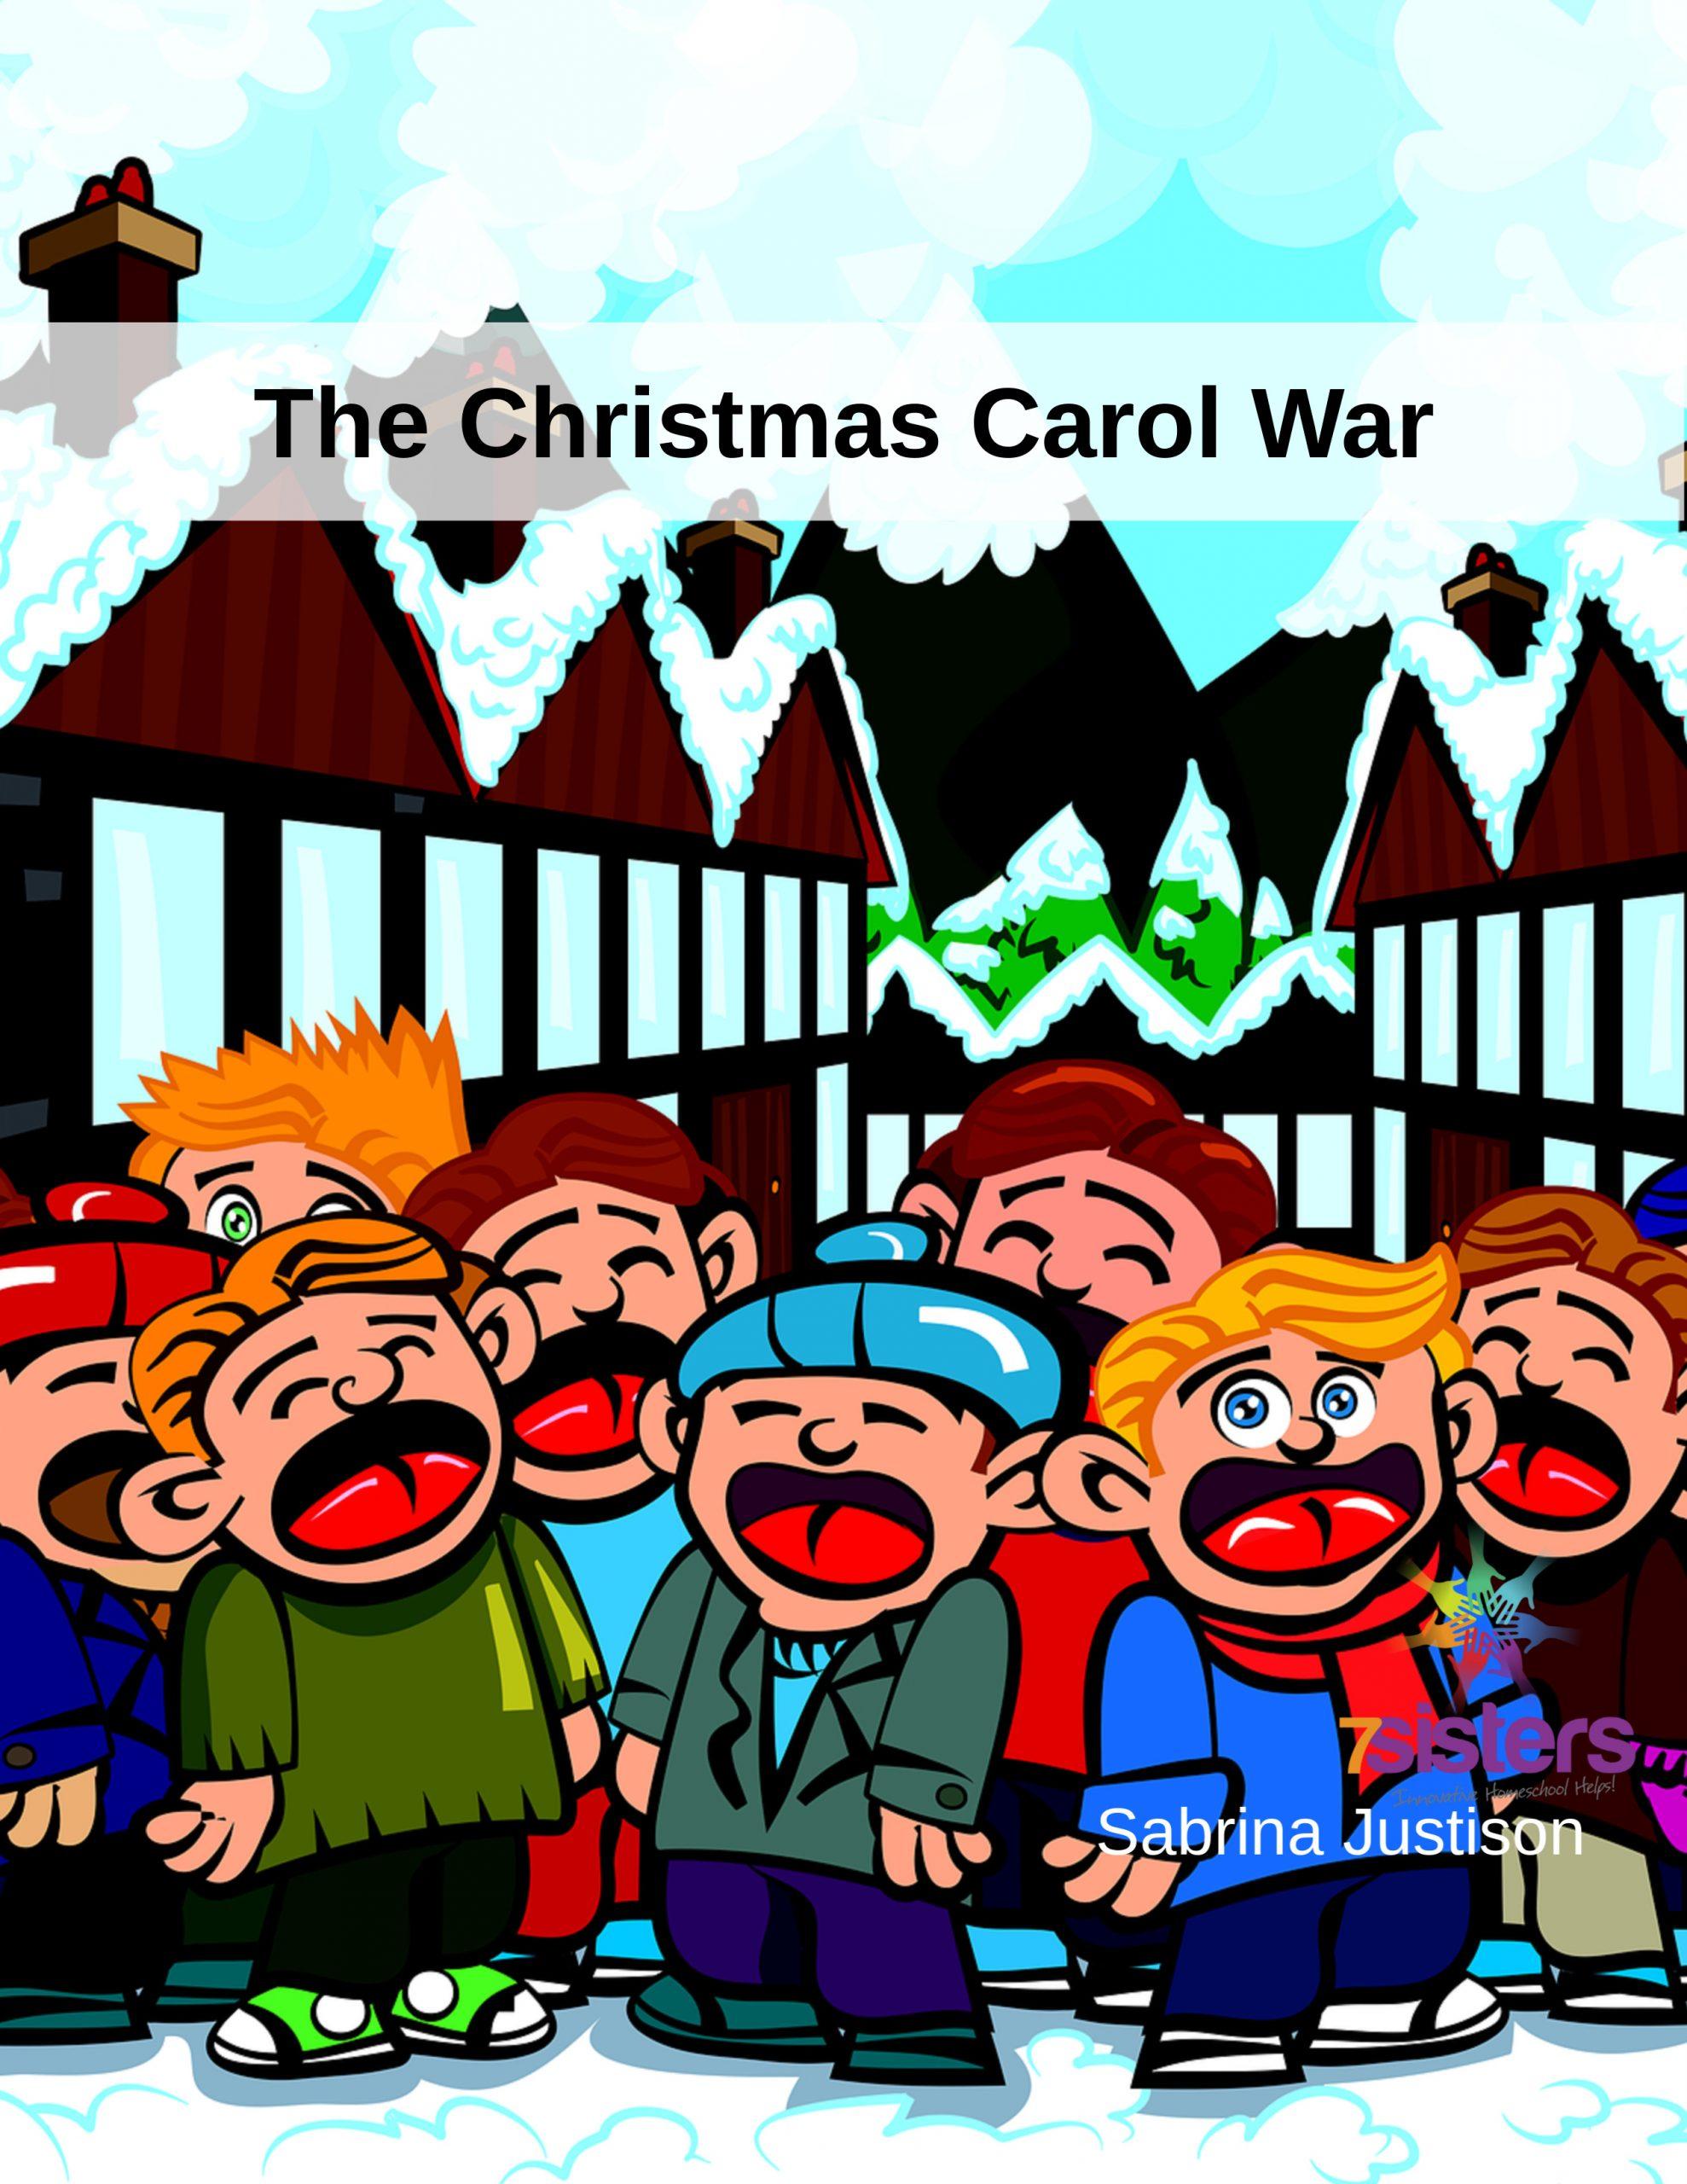 Play of Christmas Carol Wars